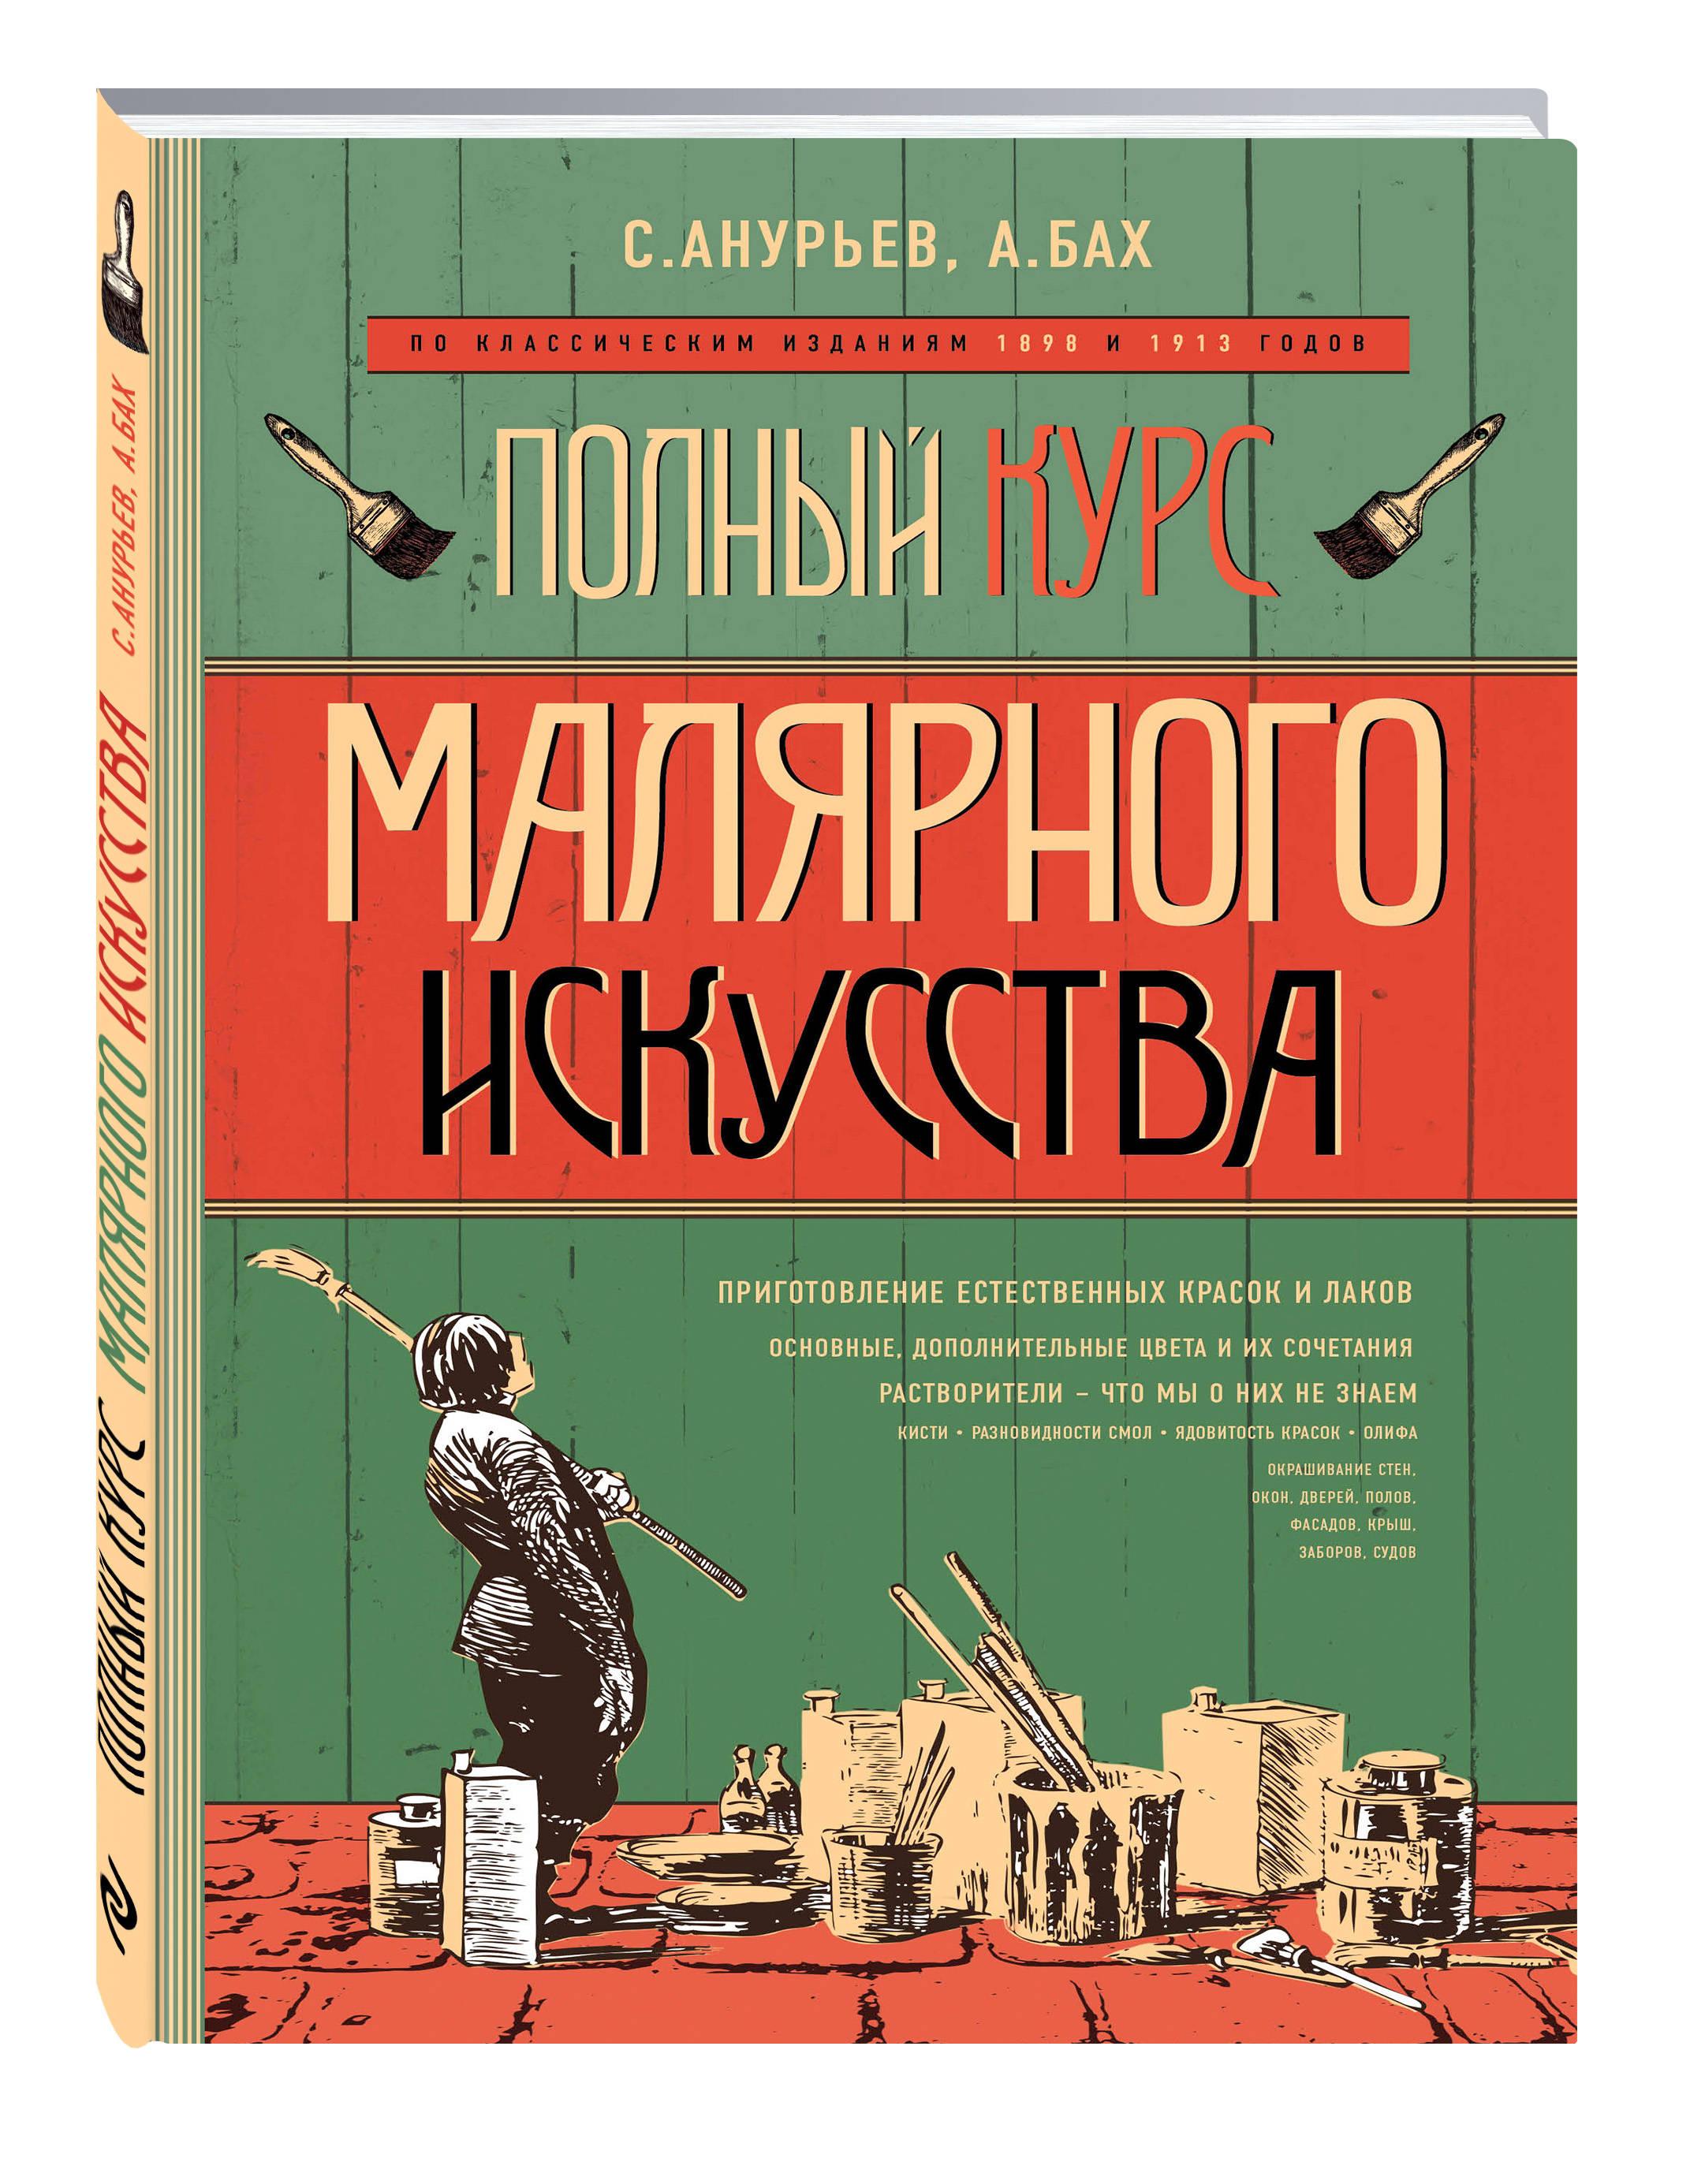 Полный курс малярного искусства ( С.Анурьев, А.Бах  )